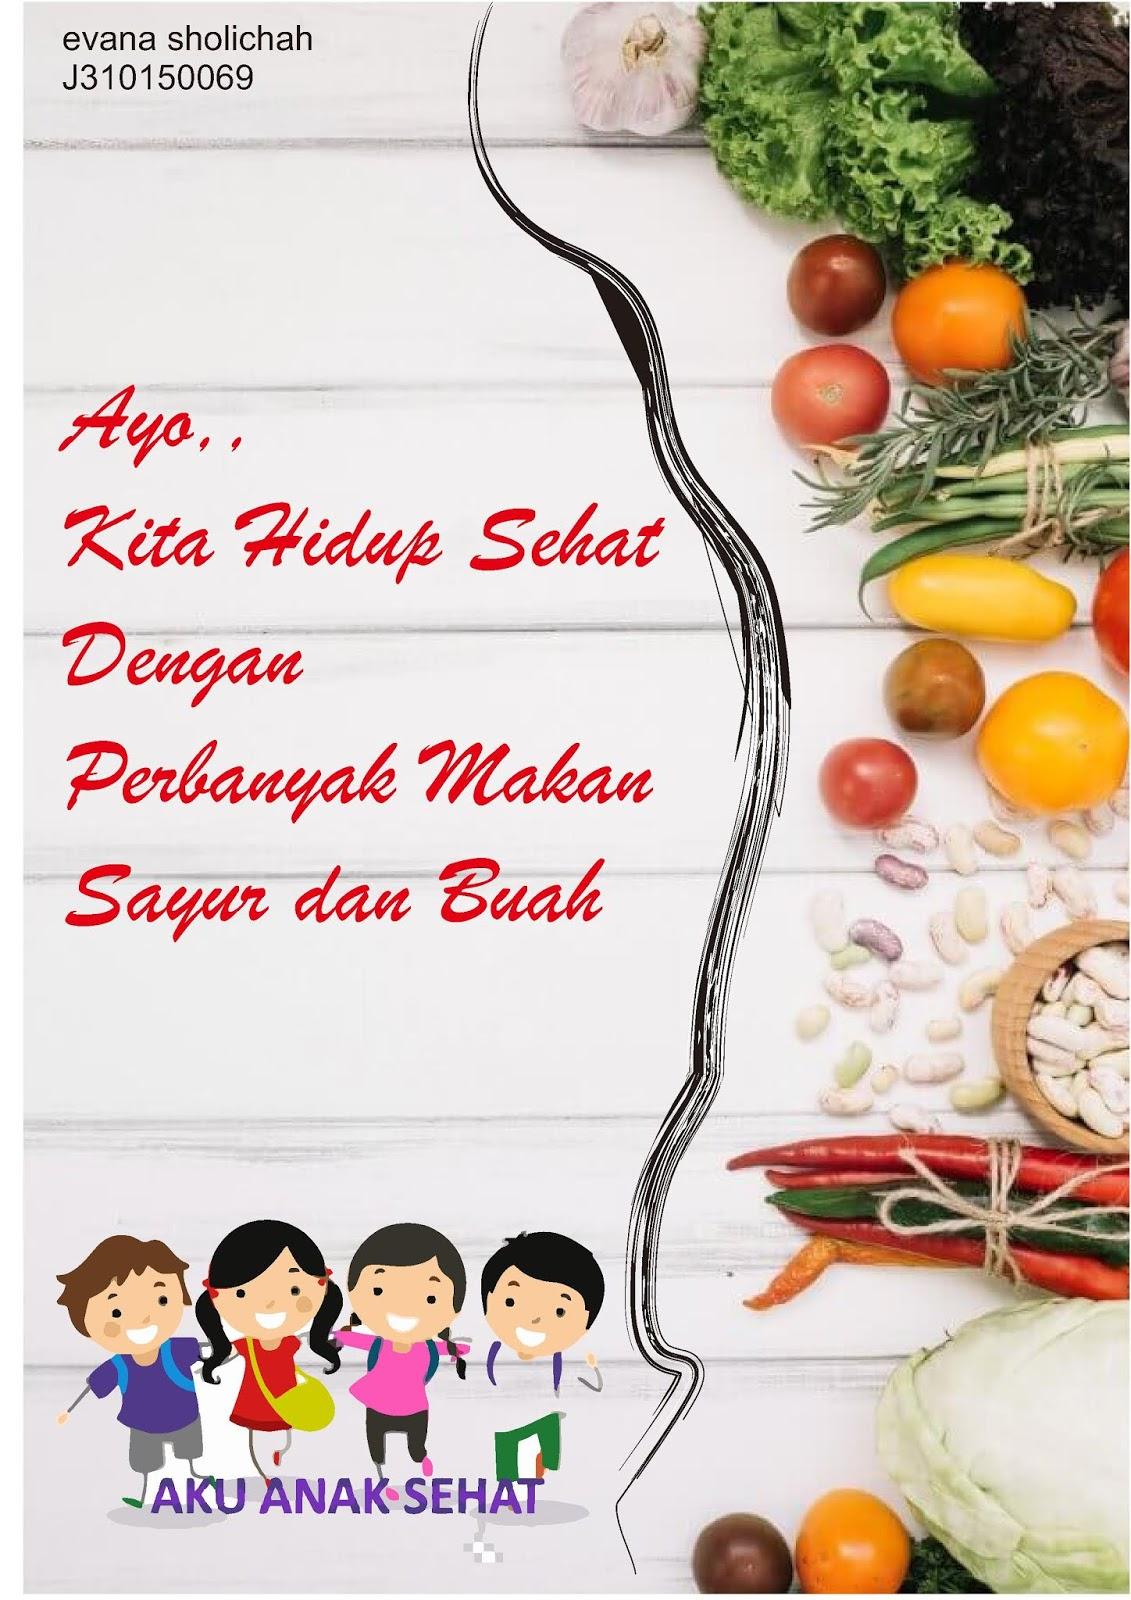 Paling Populer 11+ Gambar Poster Makanan Sehat - Gani Gambar